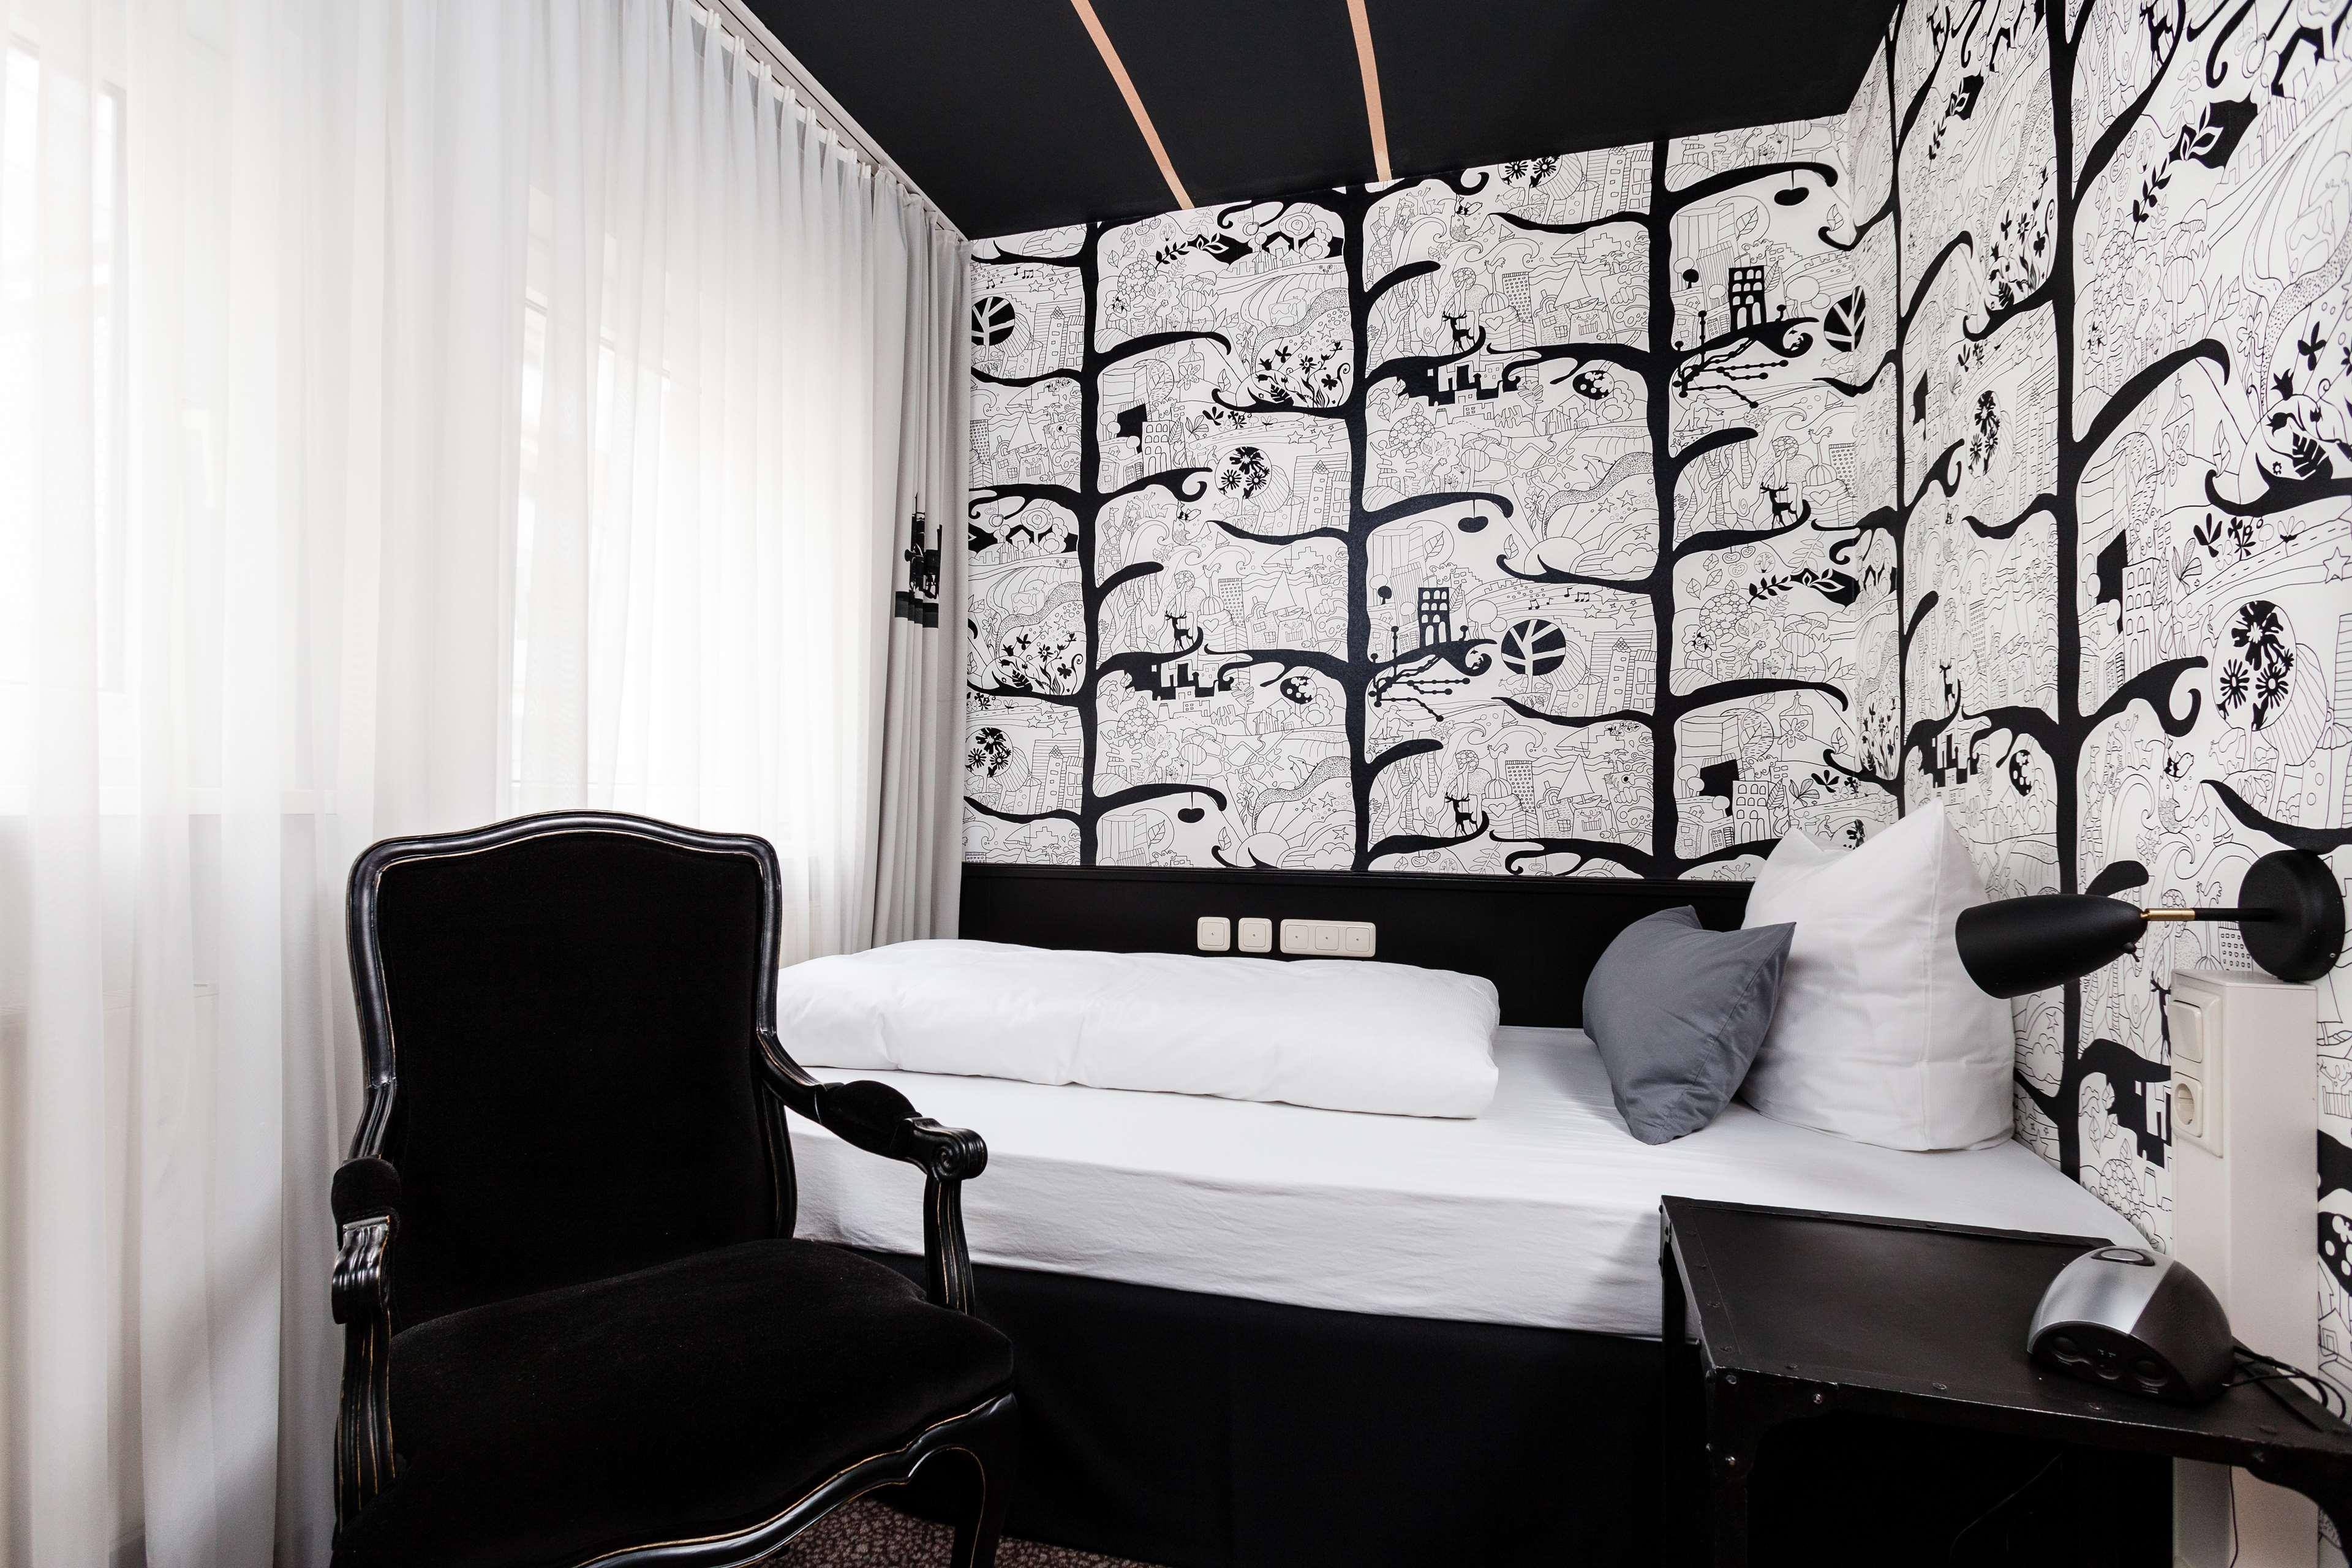 Best western hotel nuernberg am hauptbahnhof hotels for Hotel nurnberg hauptbahnhof